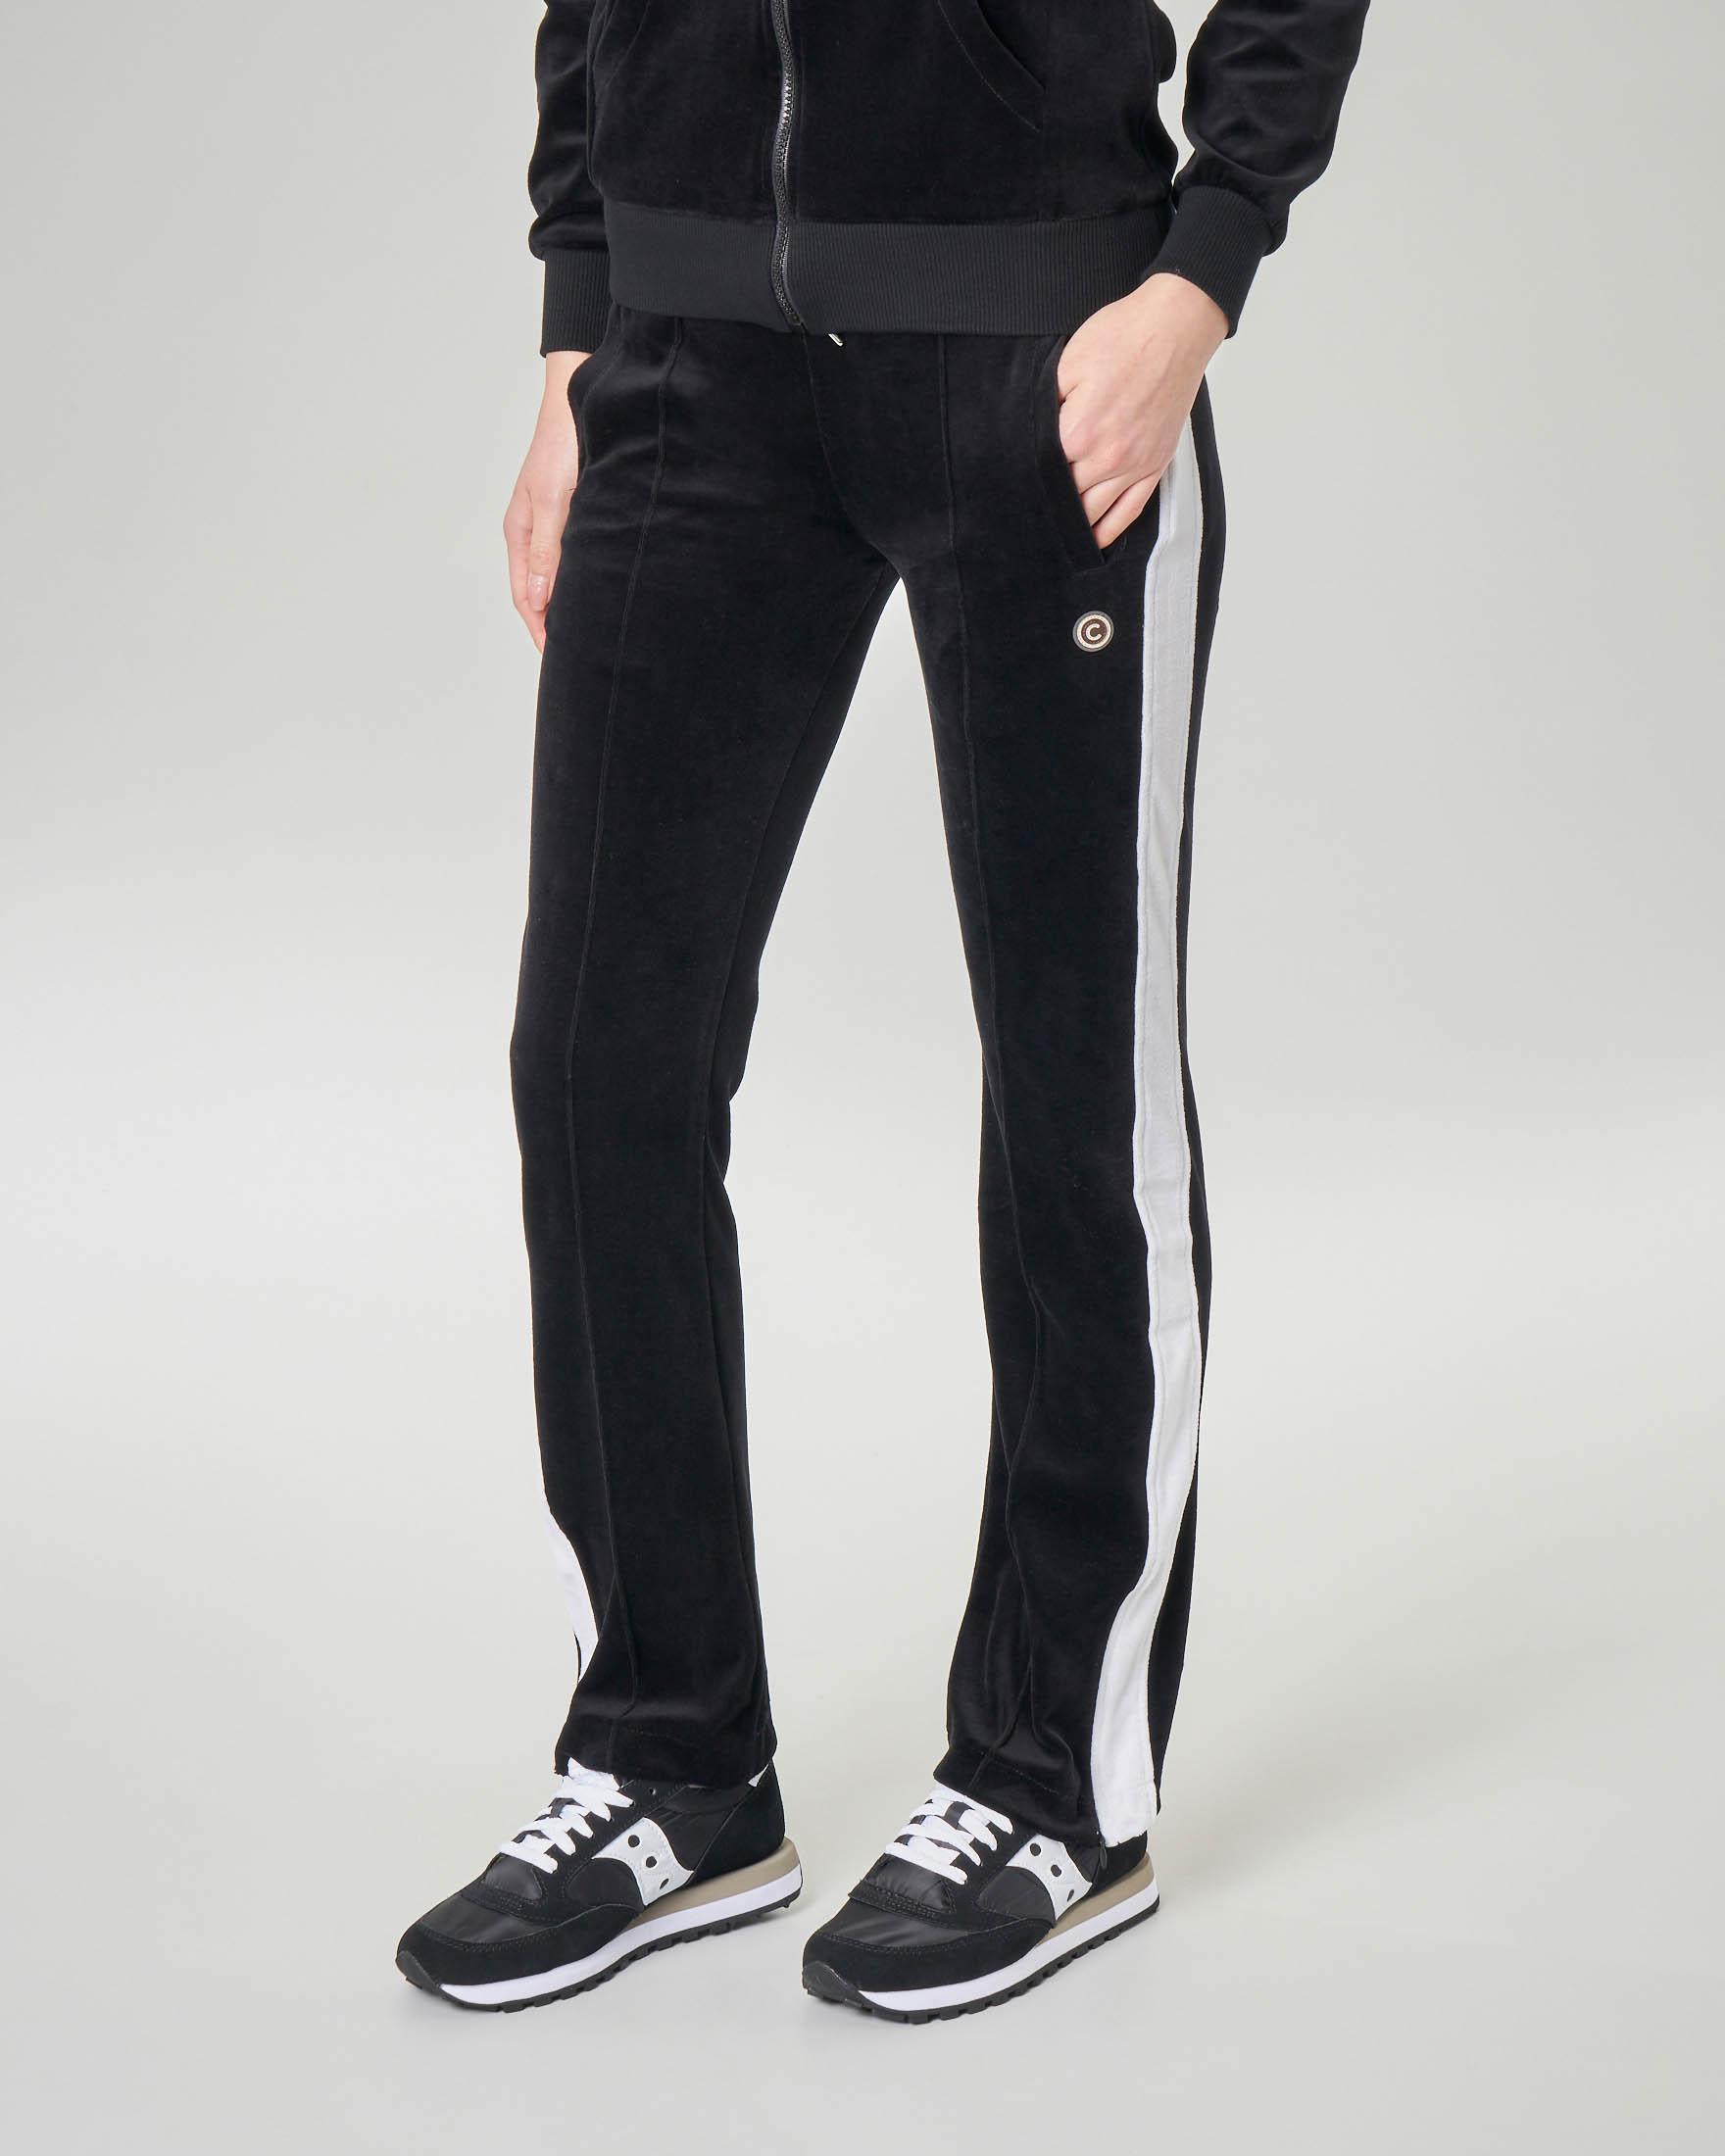 Pantaloni neri in ciniglia di cotone con banda laterale a contrasto